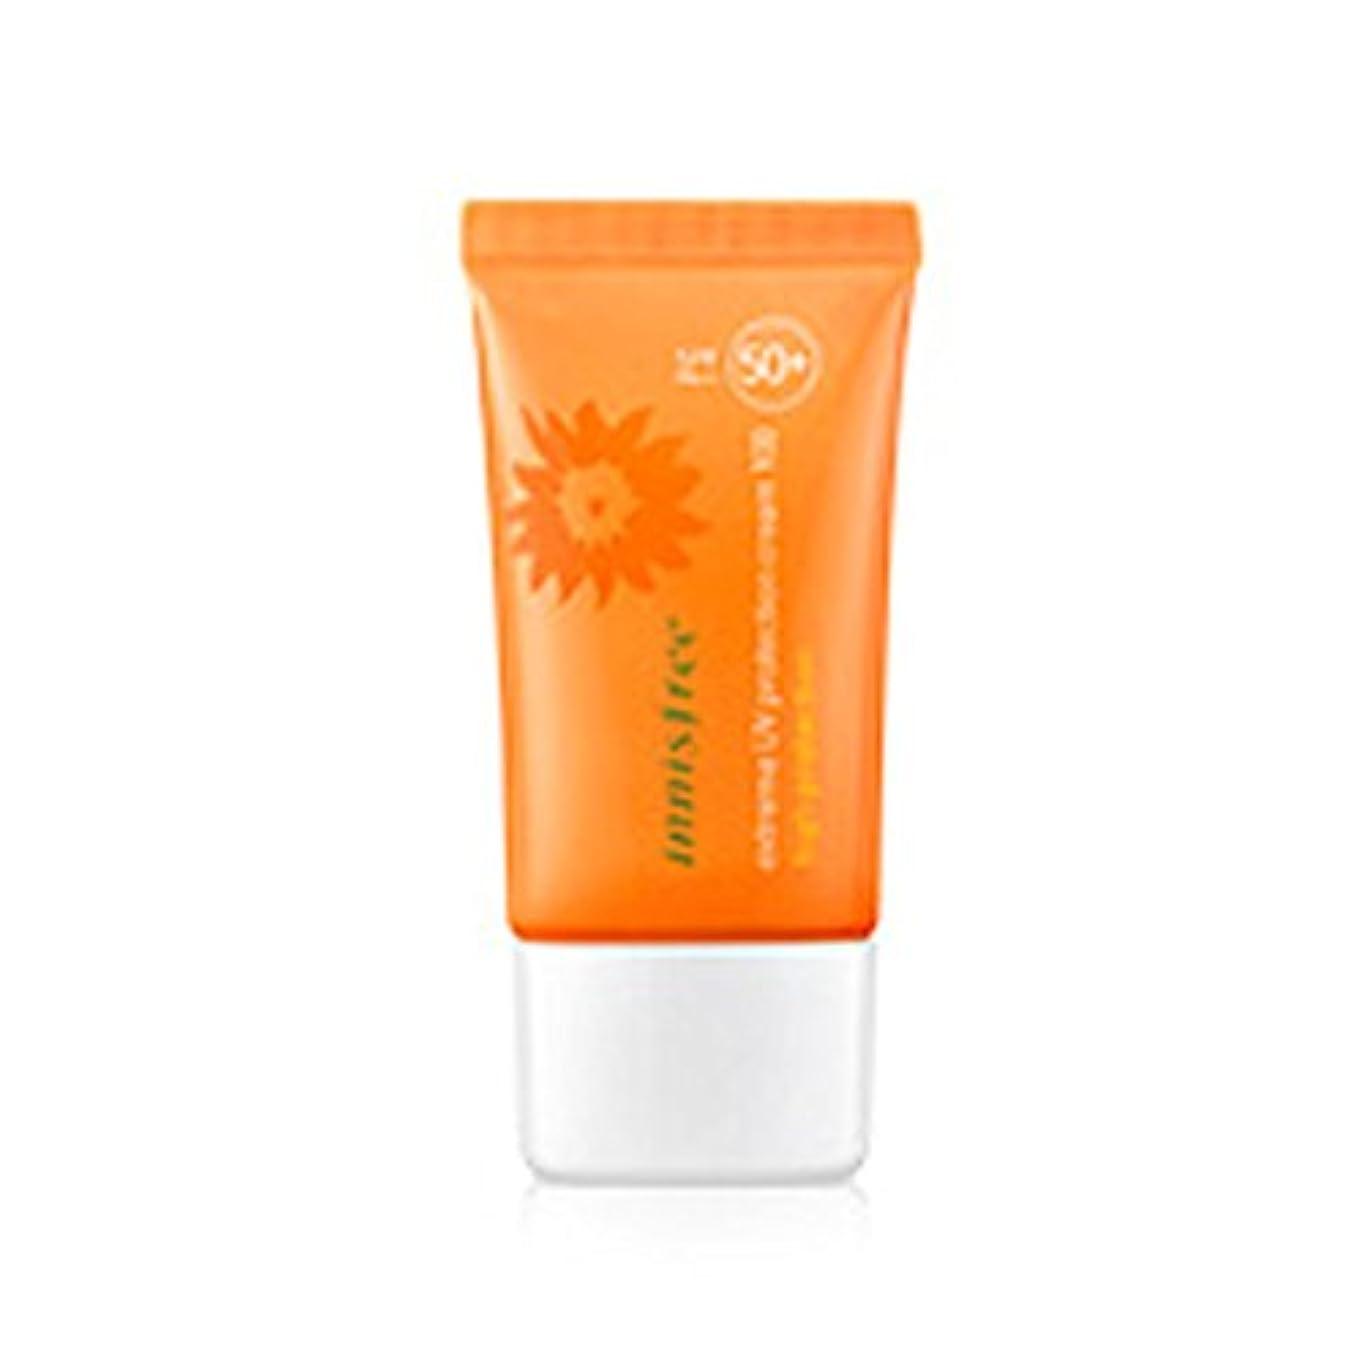 騒々しい安定した黒くするイニスフリーエクストリームUVプロテクションクリーム100ハイプロテクション50ml   SPF50 + PA +++ Innisfree Extreme UV Protection Cream100 High Protection...